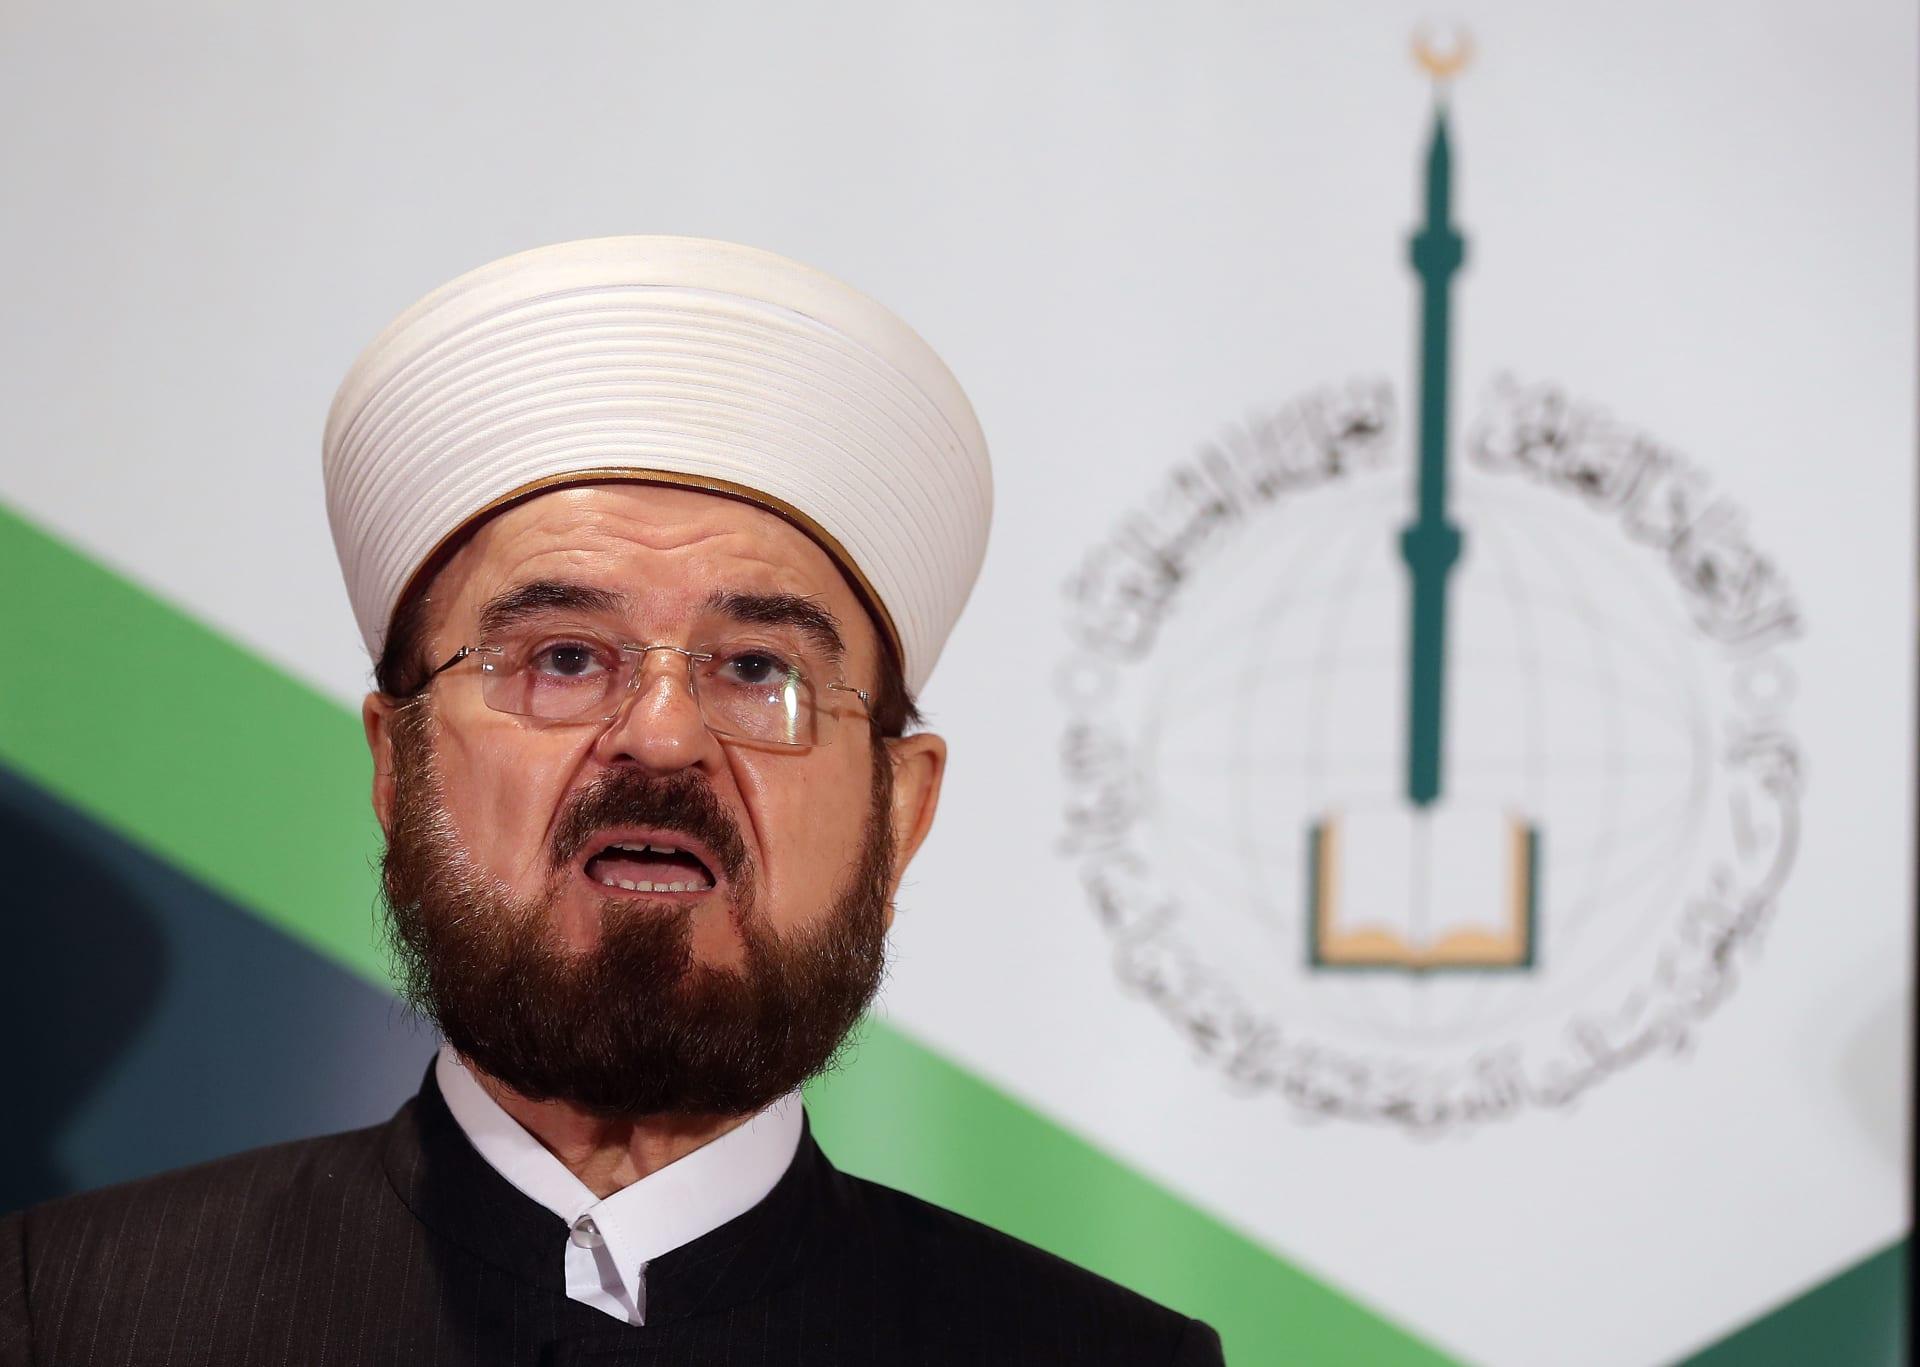 """الاتحاد العالمي لعلماء المسلمين يرد على تصنيف جماعة الإخوان منظمة إرهابية في السعودية: """"أرضى إسرائيل"""""""